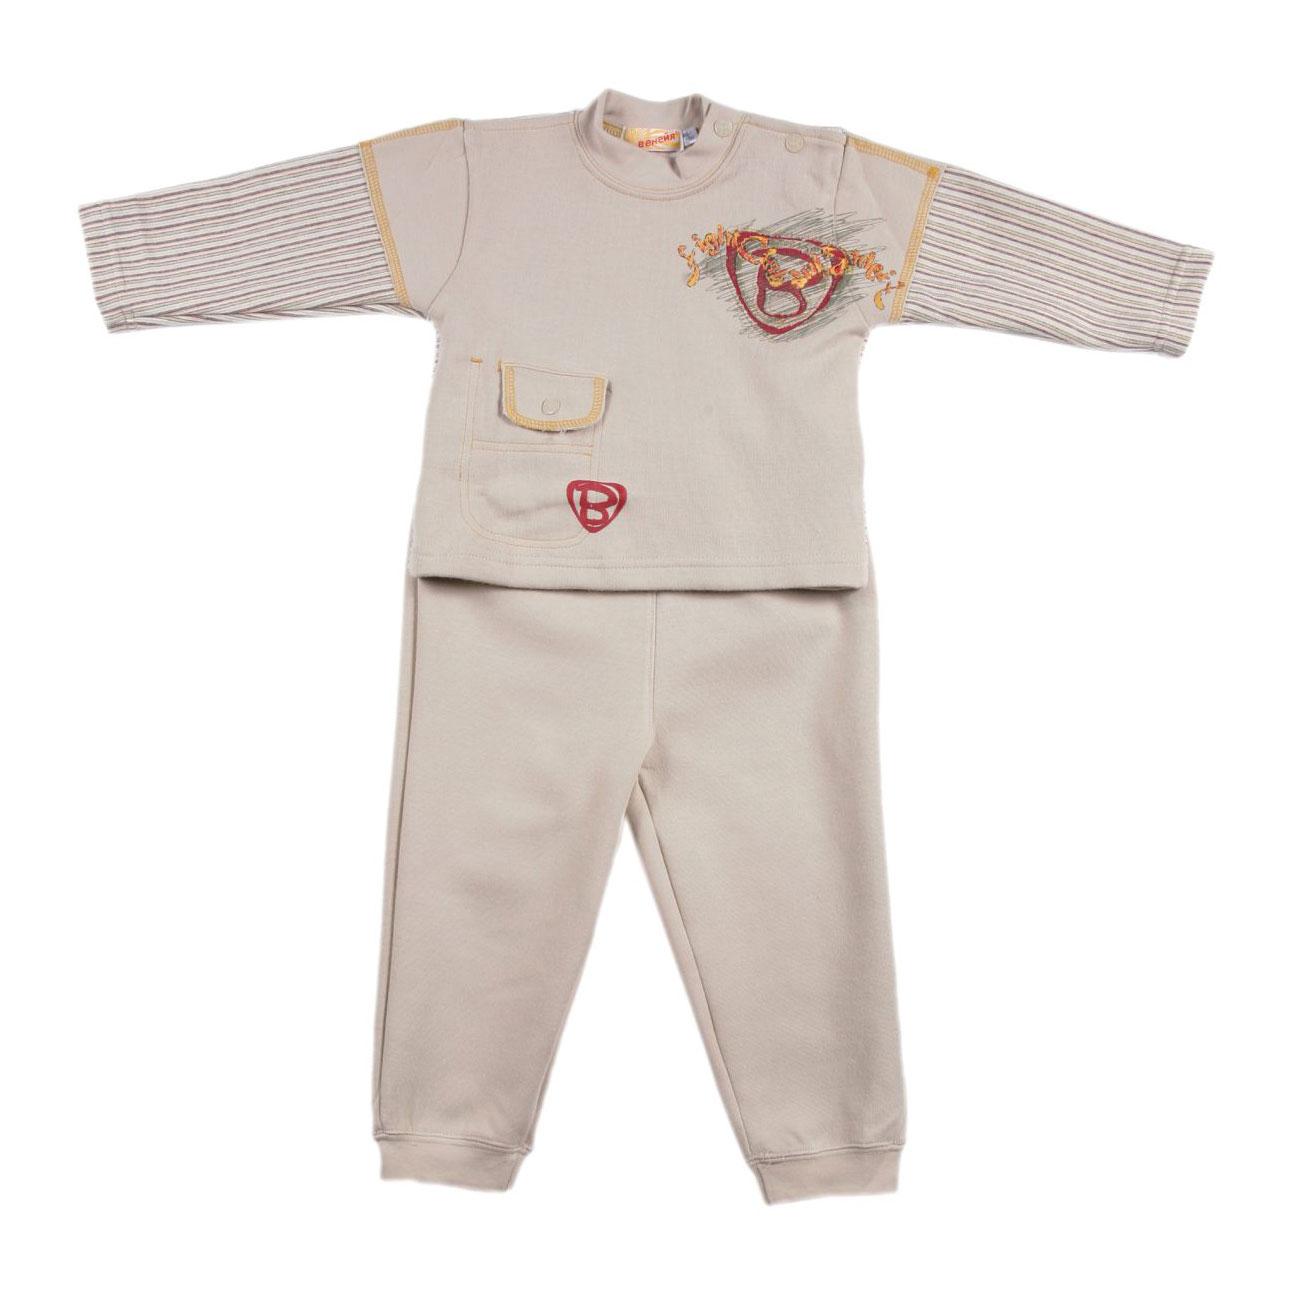 Комплект Veneya Венейя (джемпер + брюки) с кнопками на воротнике для мальчика,бежевый размер 80